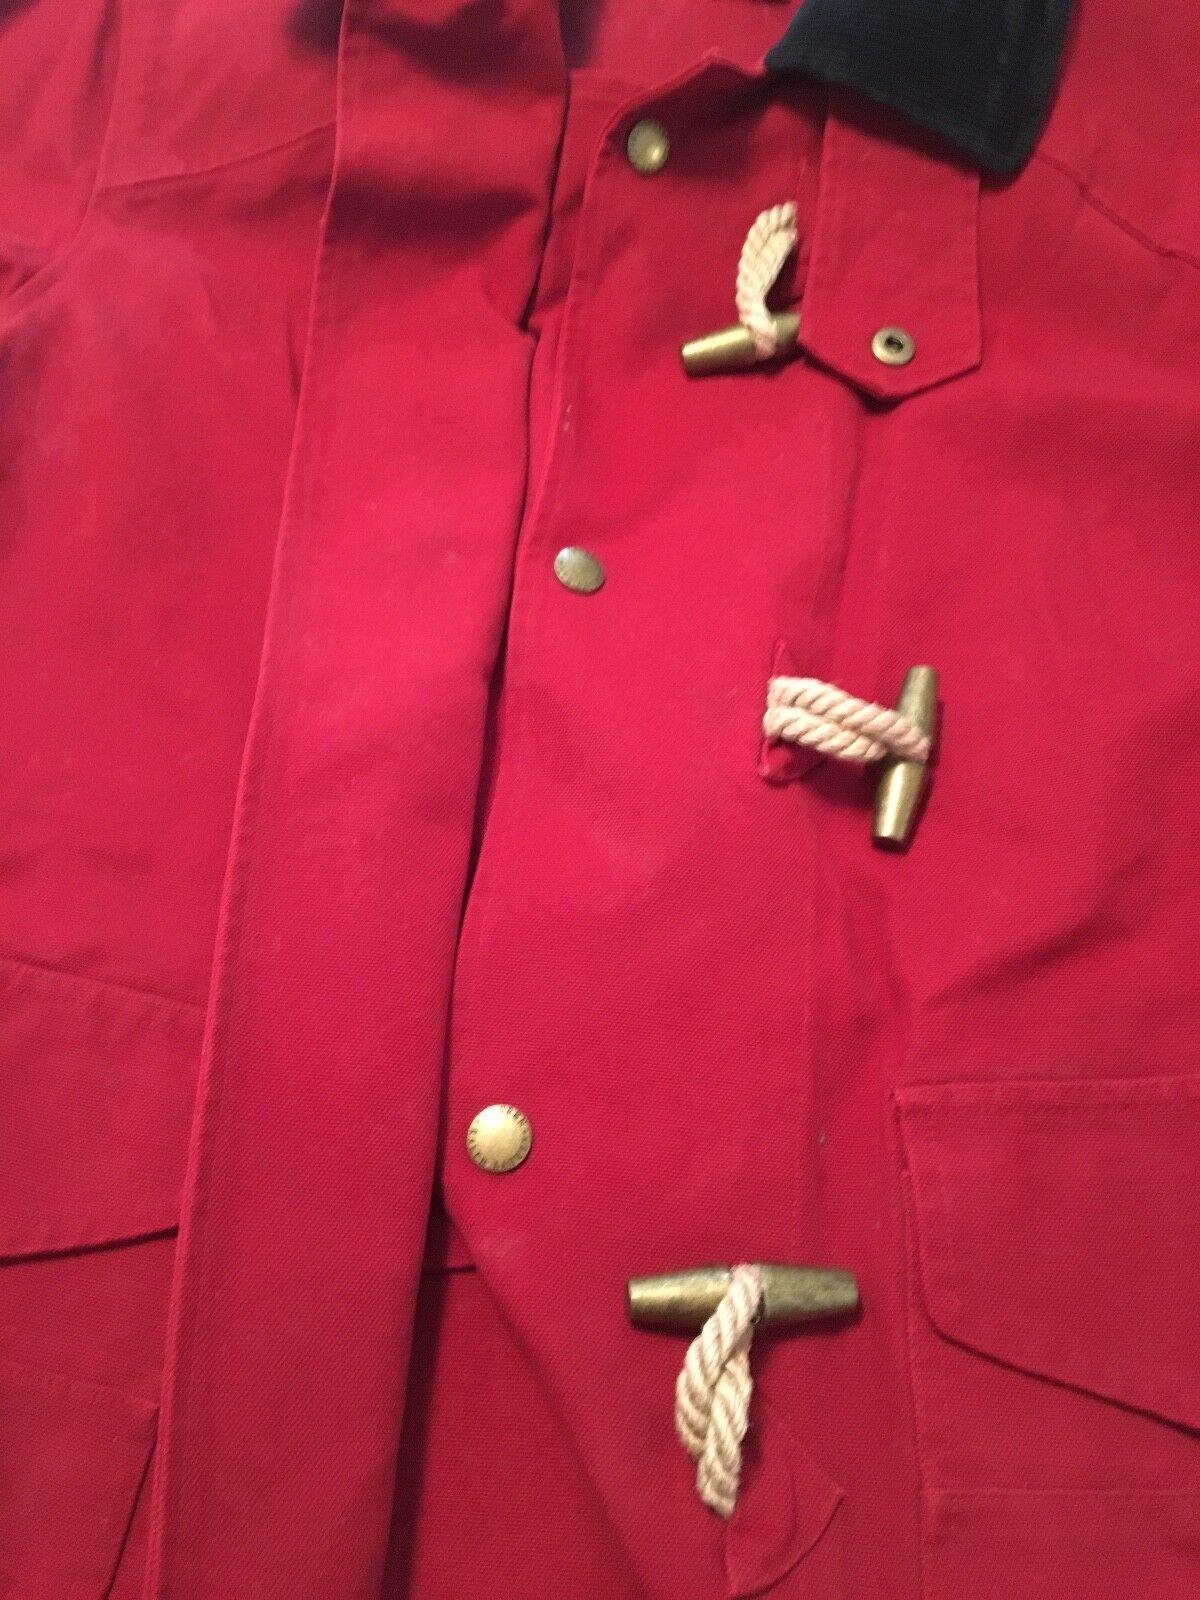 RALPH LAUREN Women's RED Nautical Rope Tie Tie Tie Clasp Size  Medium 87693b